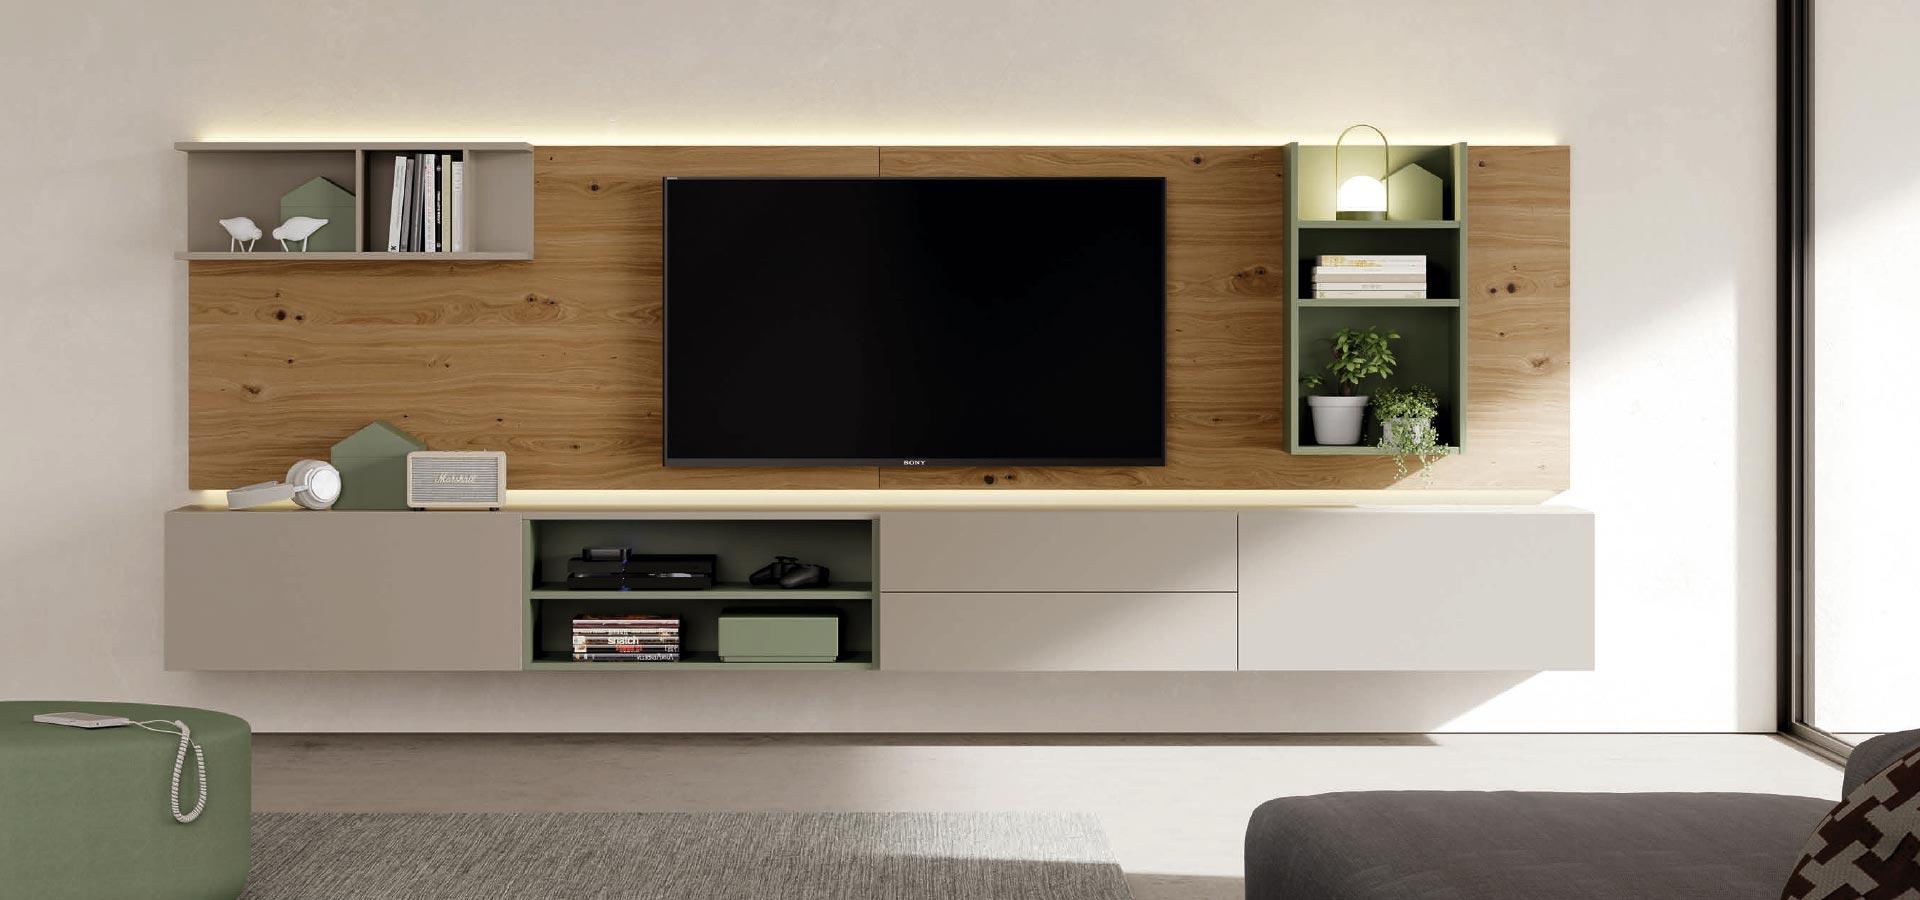 Muebles Para La Sala De Estar Y Televisi N De Dise O Ismoble # Muebles Suspendidos Para Tv